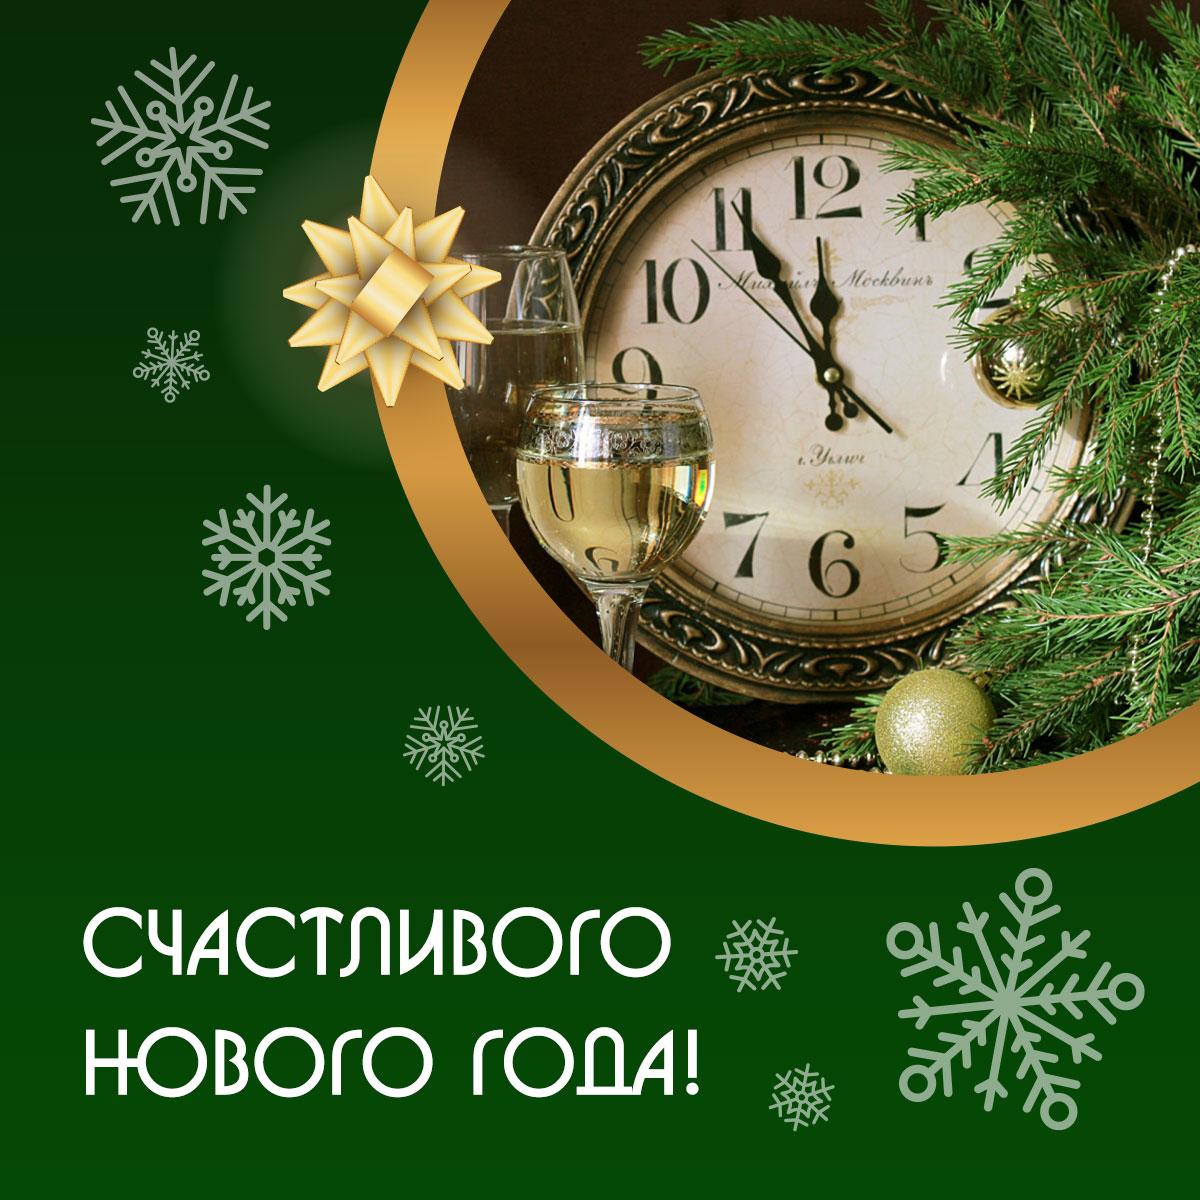 Картинка новый год в России: настенные часы, бокалы с шампанским, ёлка и мандарин на зелёном фоне со снежинками и текстом поздравления.